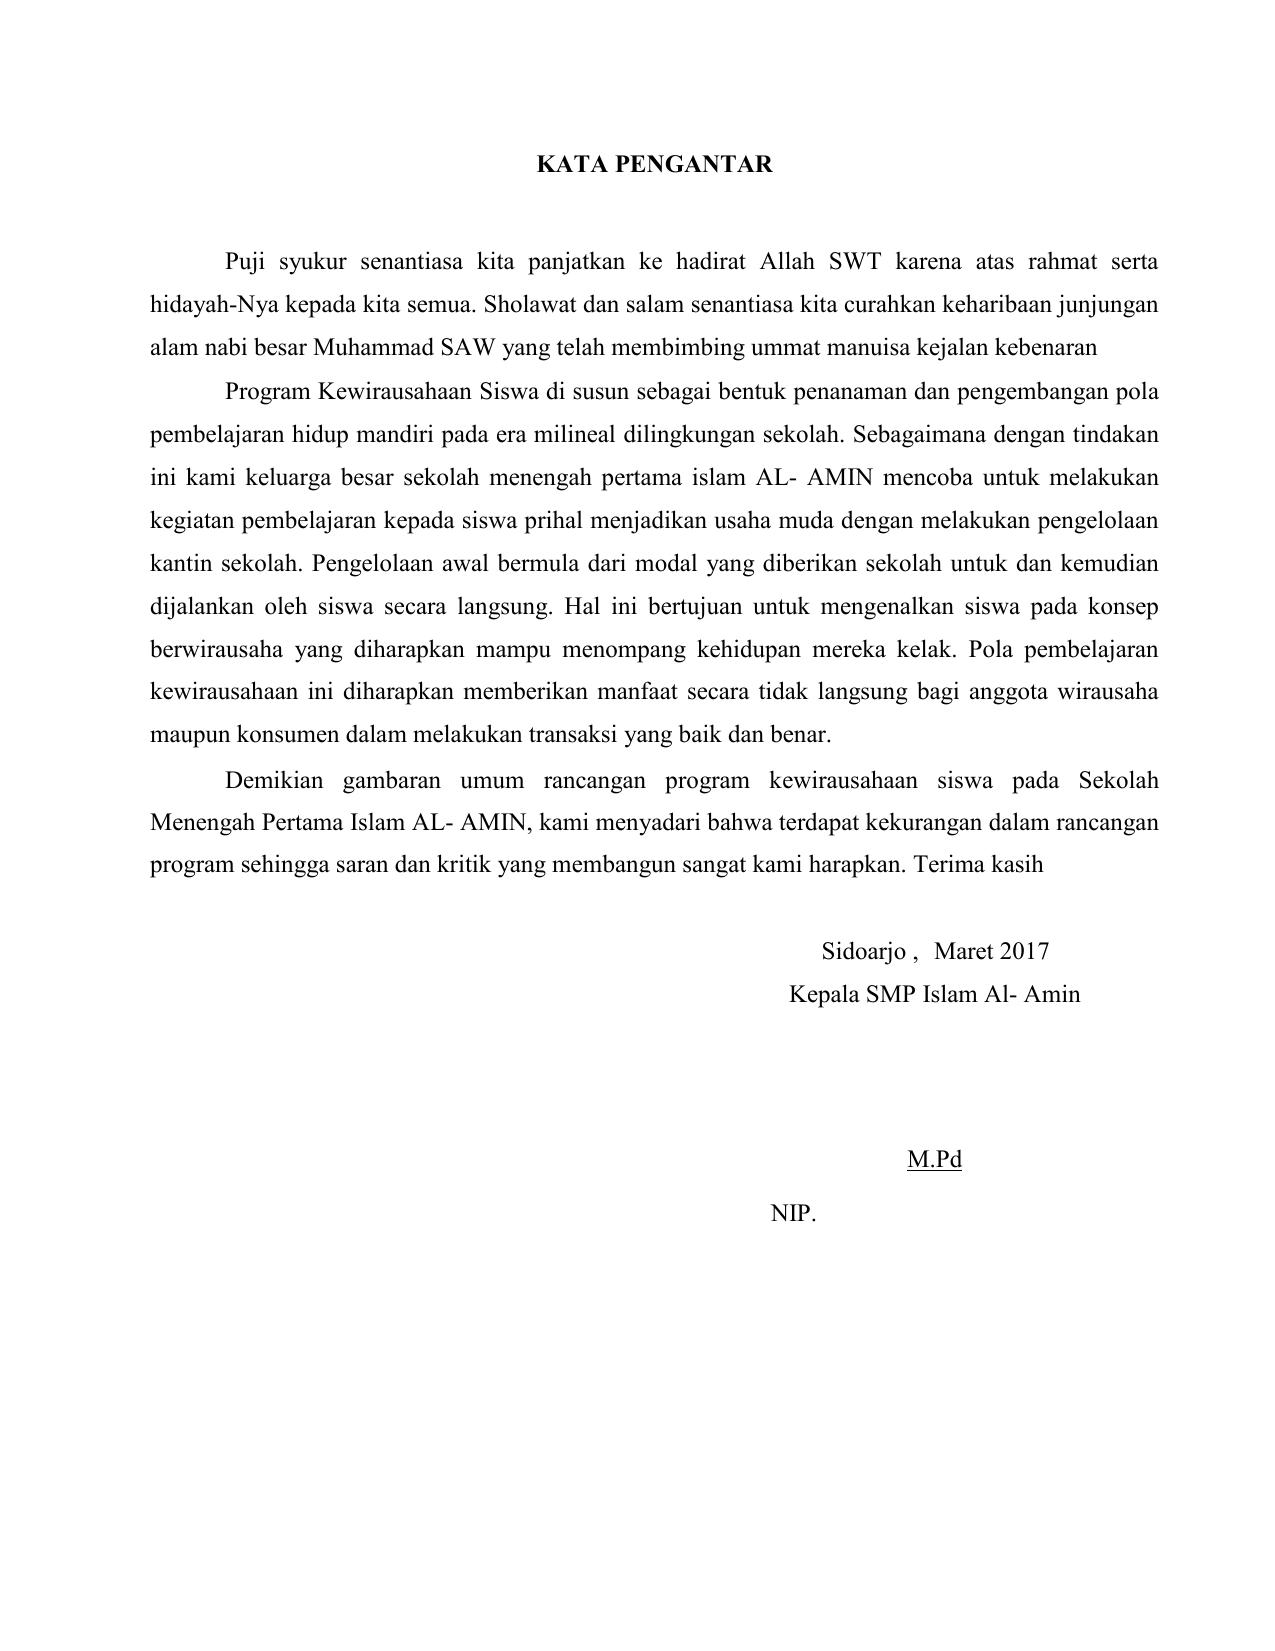 Contoh Laporan Hasil Evaluasi Program Pengembangan Kewirausahaan Sd